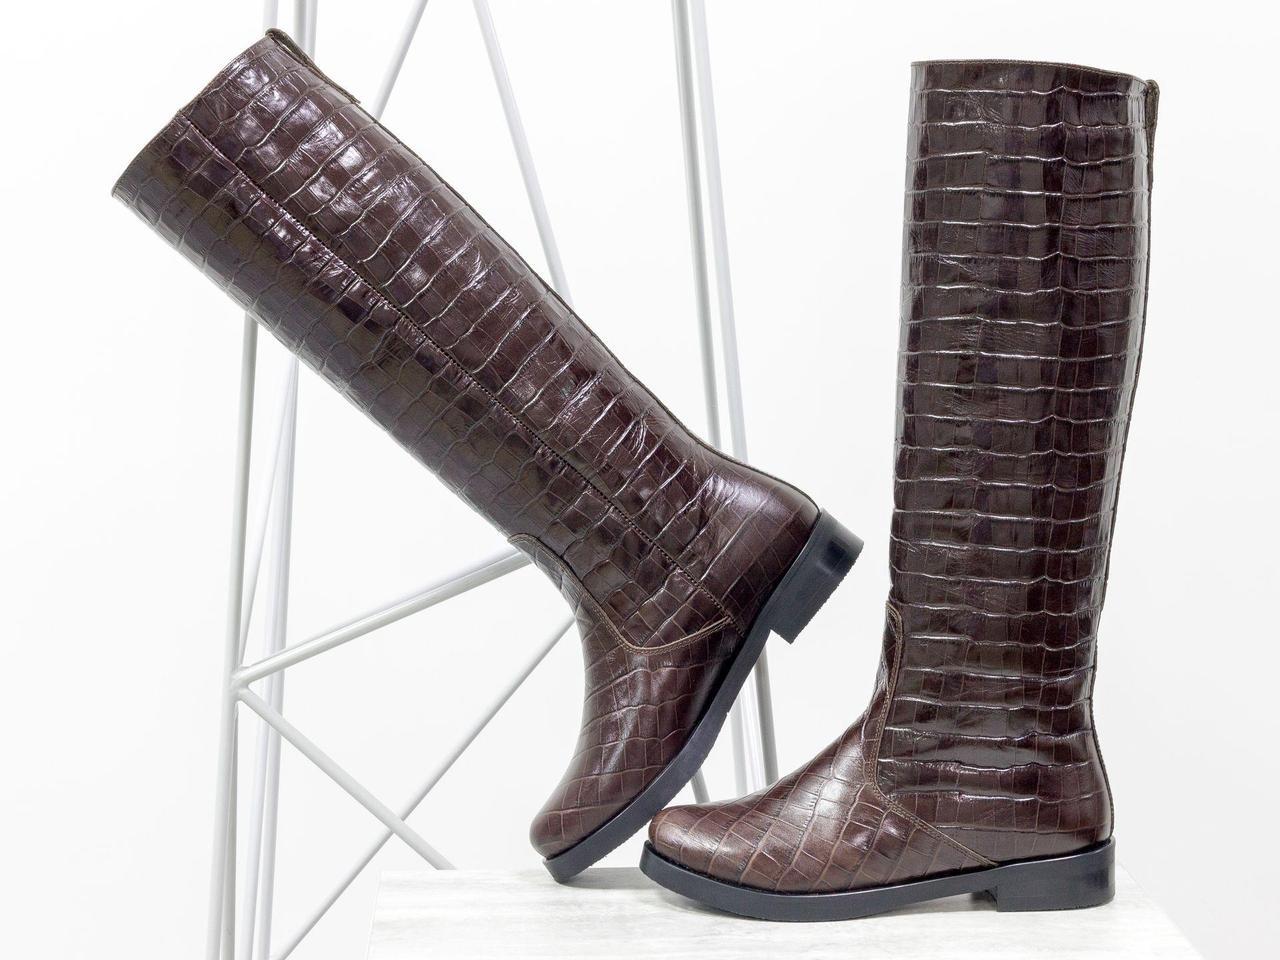 Женские сапоги свободного одевания из натуральной блестящей кожи коричневого цвета с текстурой крокодил